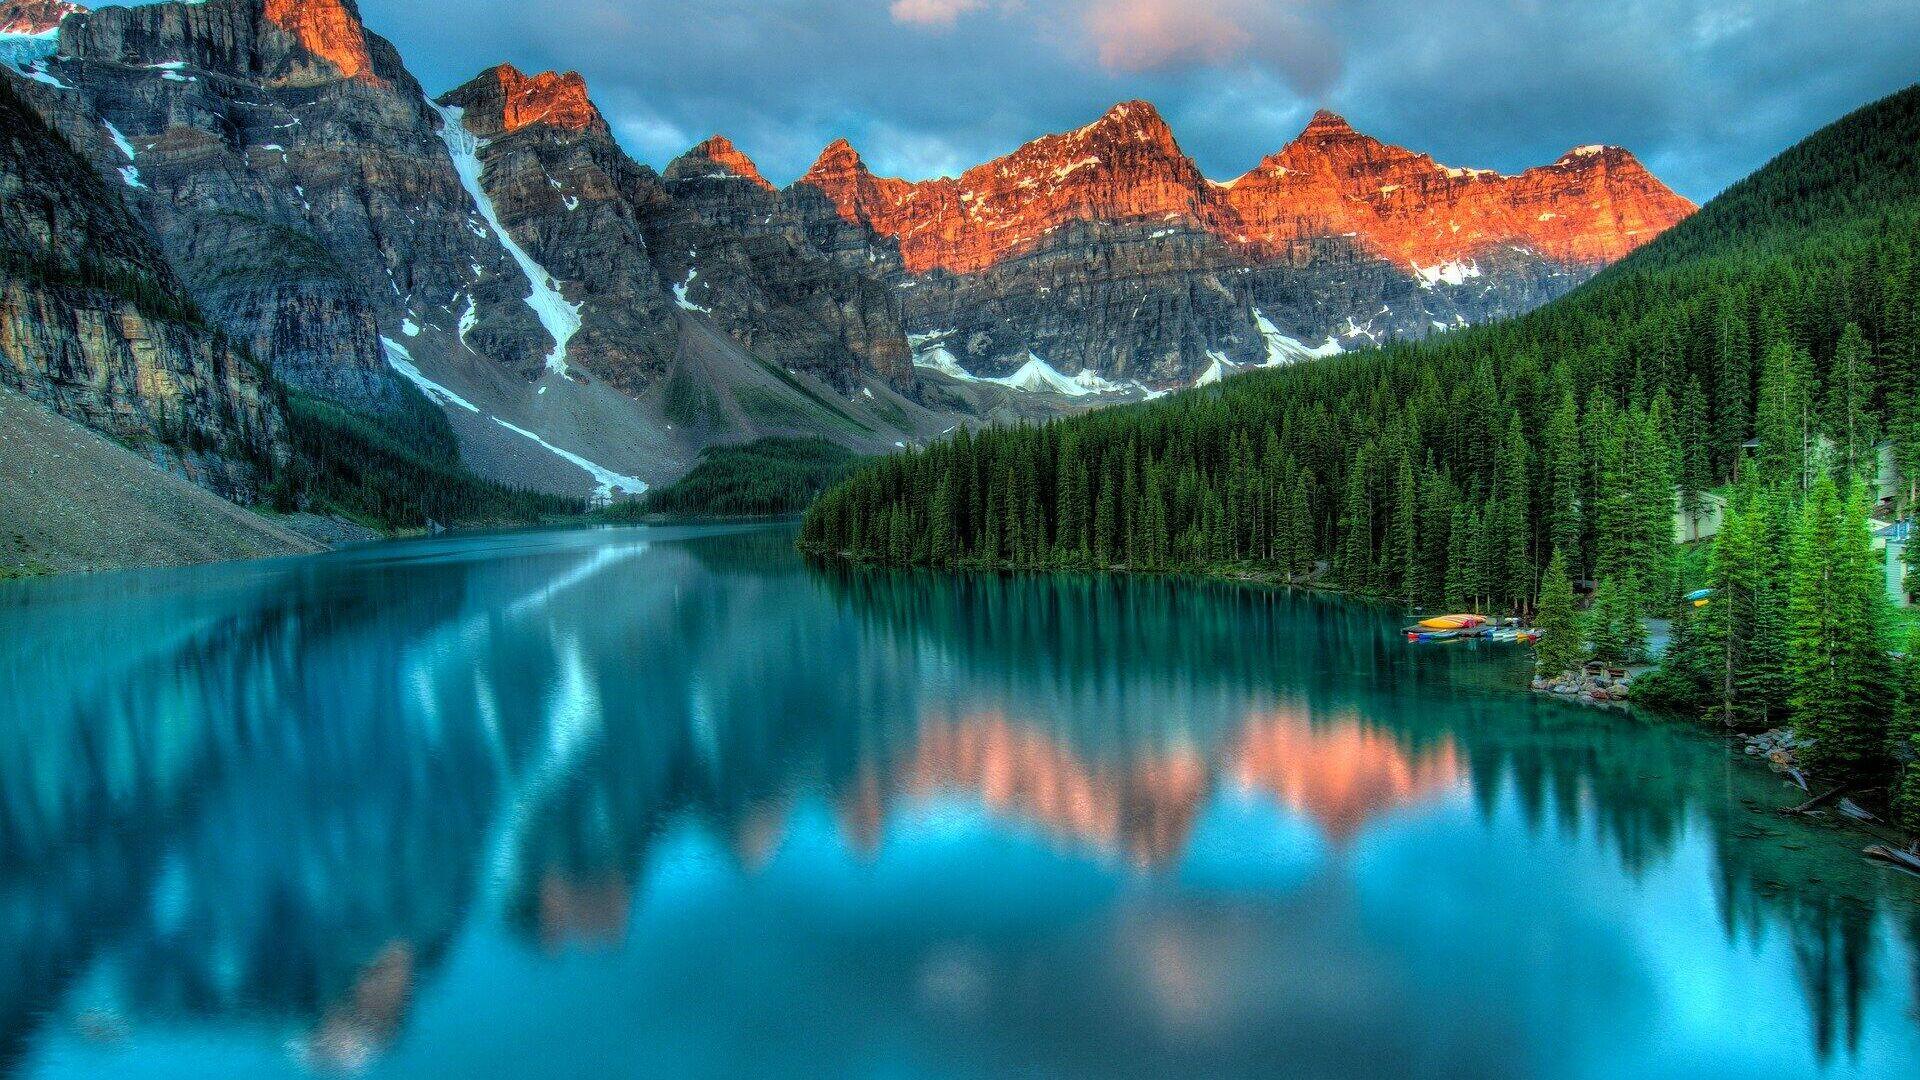 Национальный парк Банф в провинции Альберта, Канада  - РИА Новости, 1920, 26.10.2020